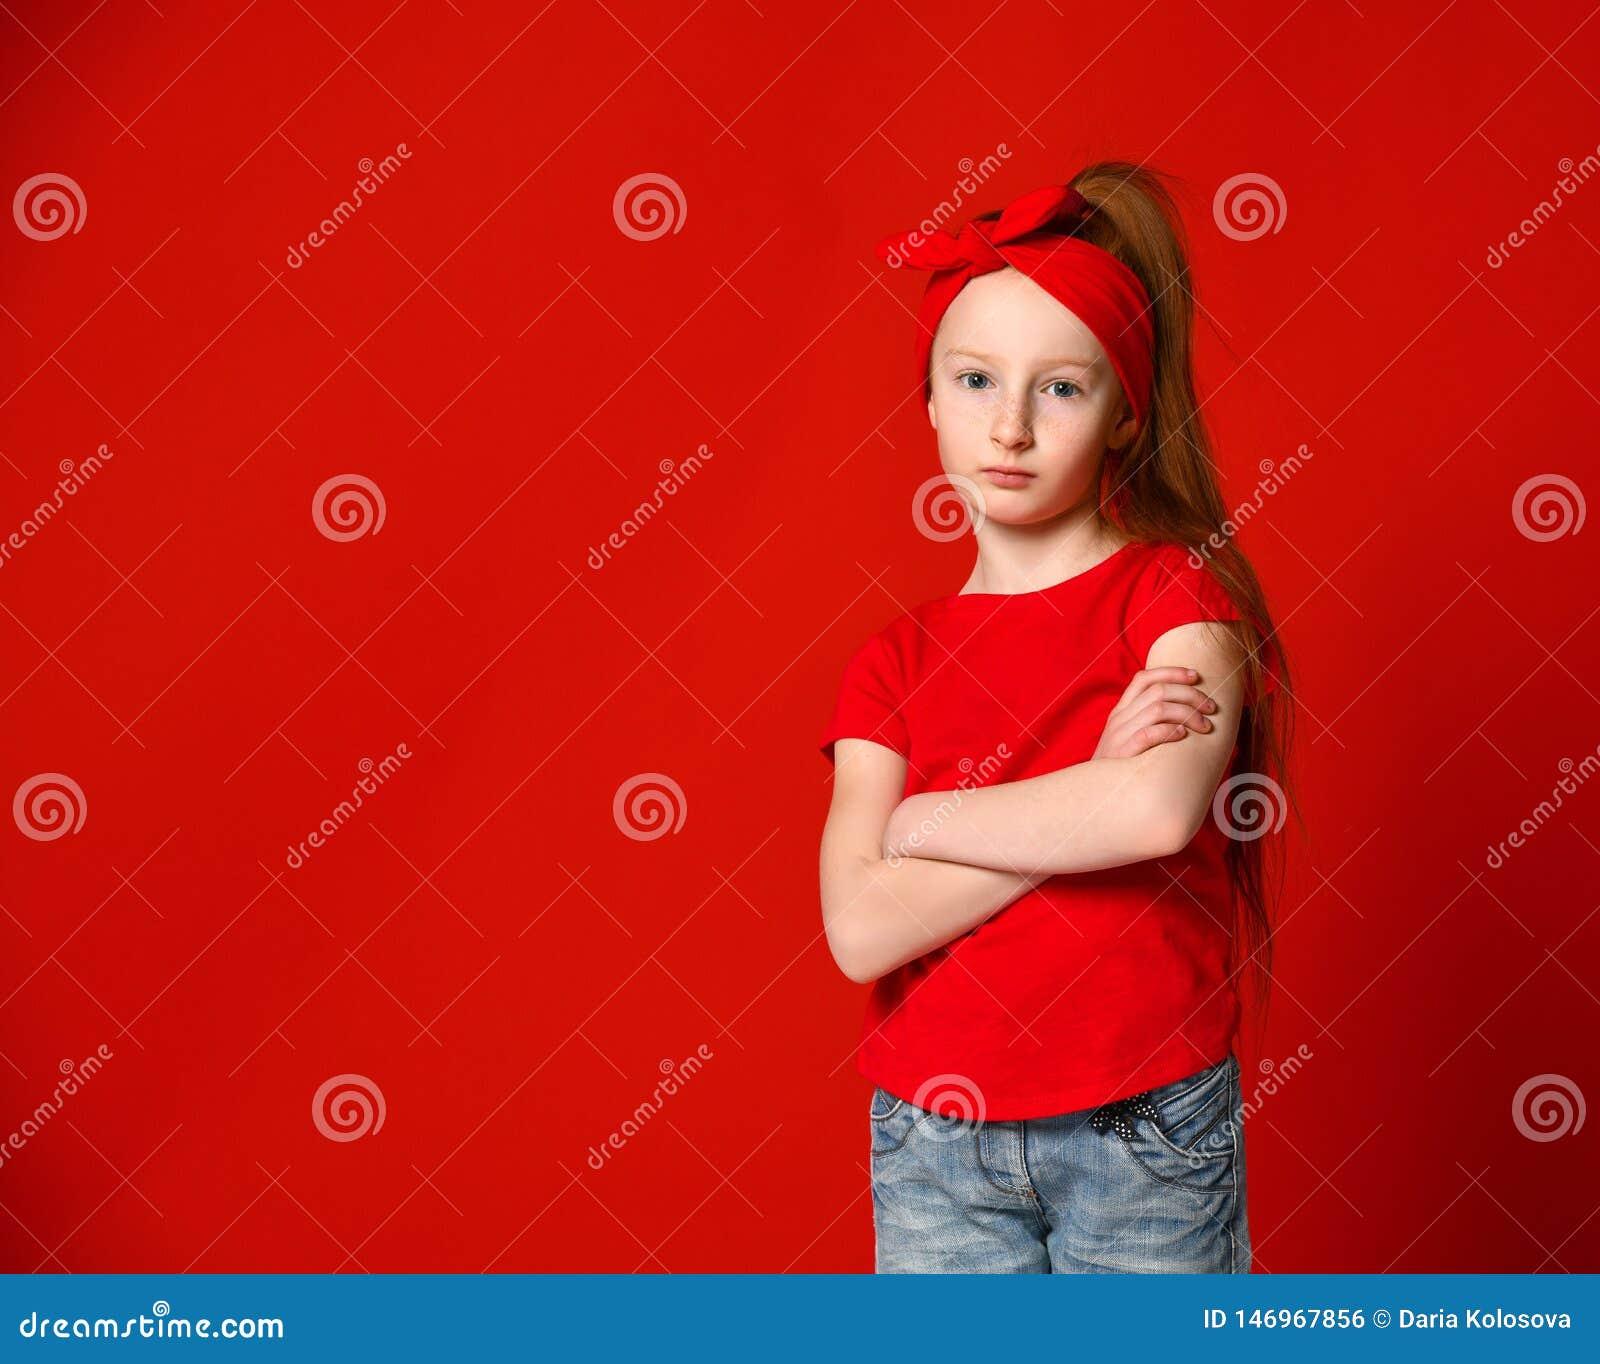 Портрет милой девушки осадил в красном жилете, стоя со сложенными руками и смотря камеру